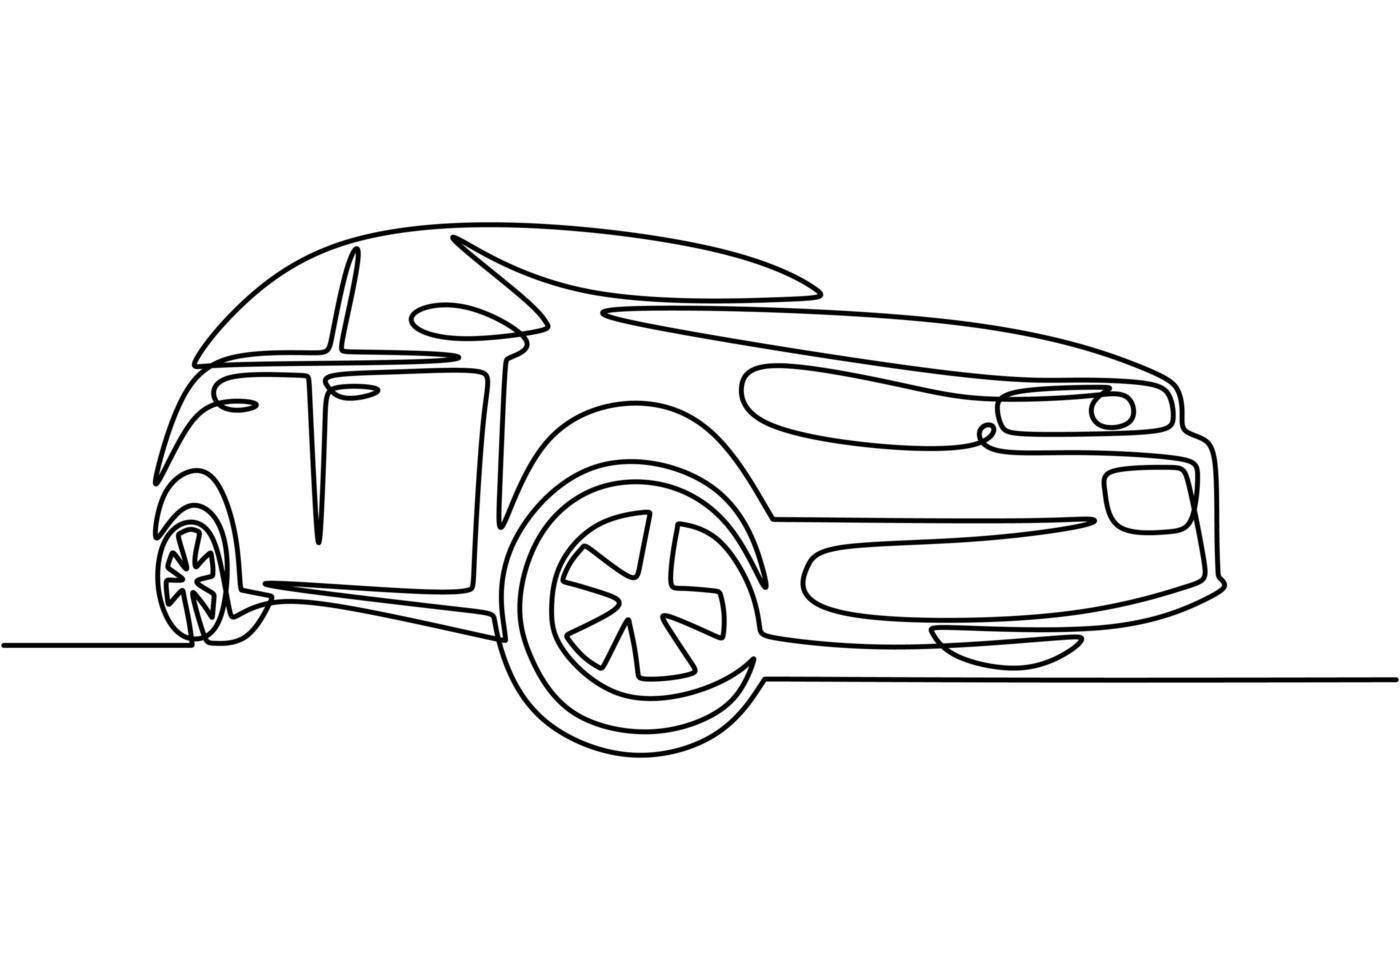 eine einzige durchgehende Strichzeichnung eines Luxusautos. Nahansicht. vektor